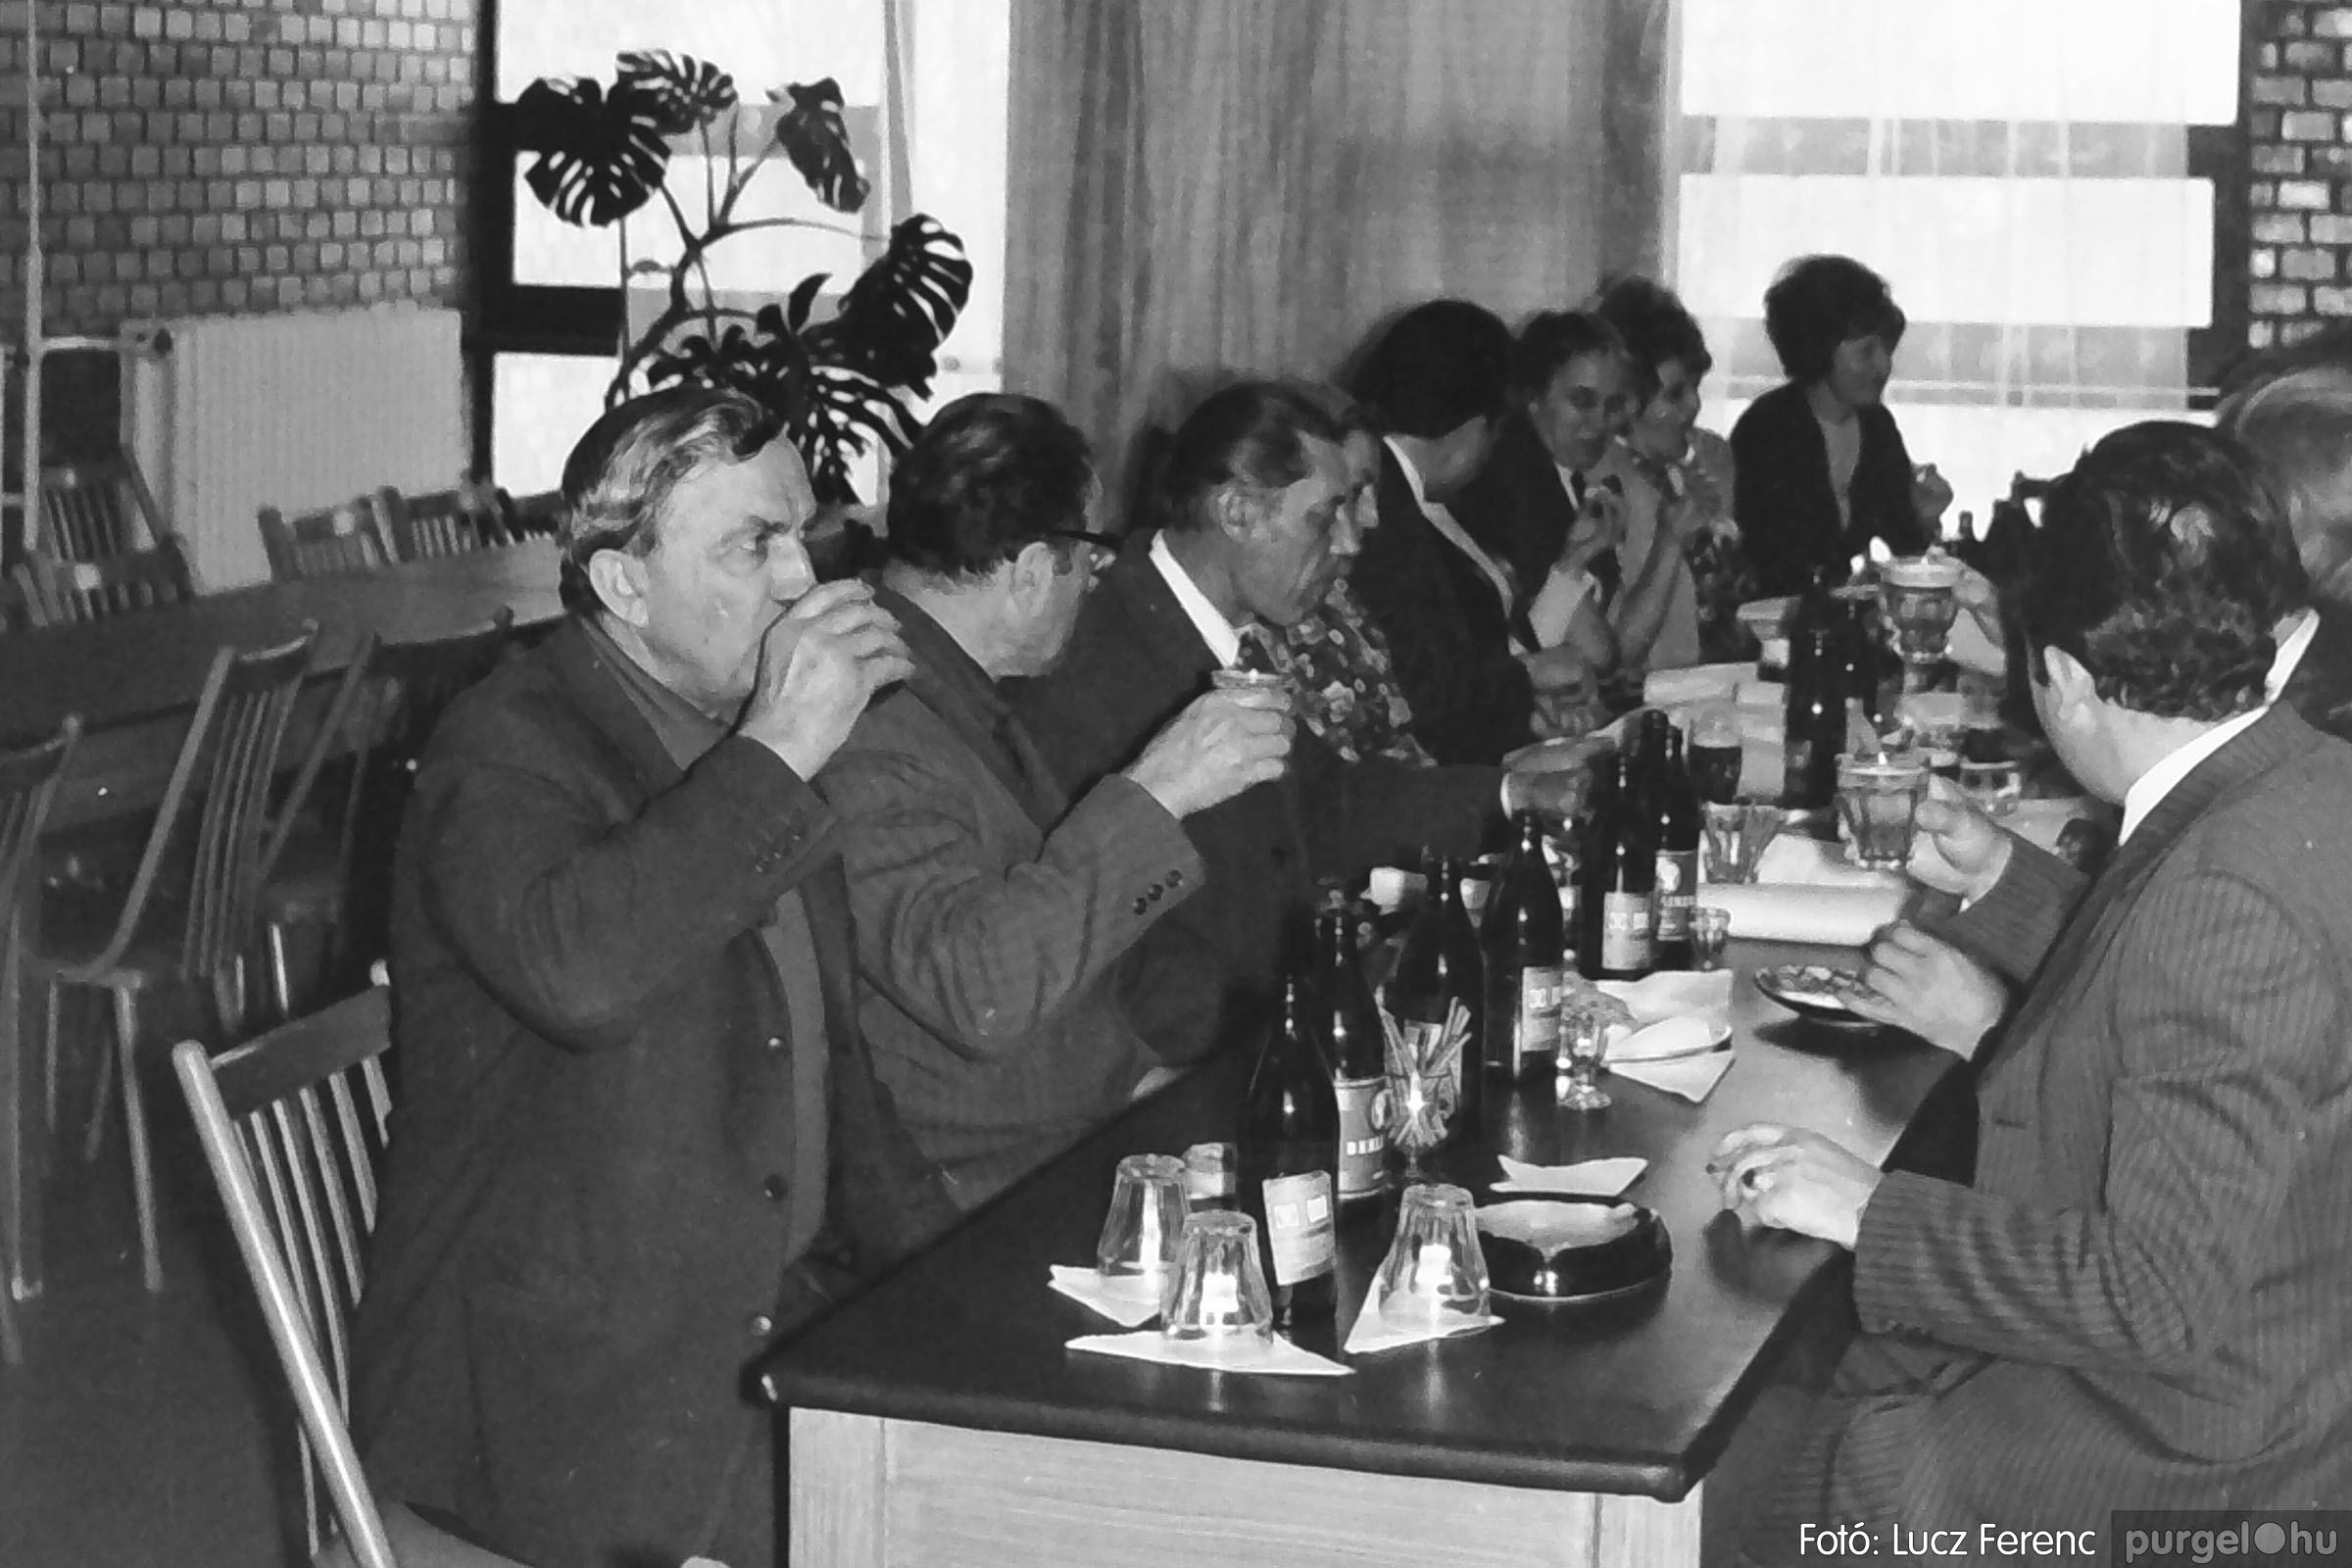 037. 1976. Összejövetel a tanácsházban 002 - Fotó: Lucz Ferenc.jpg